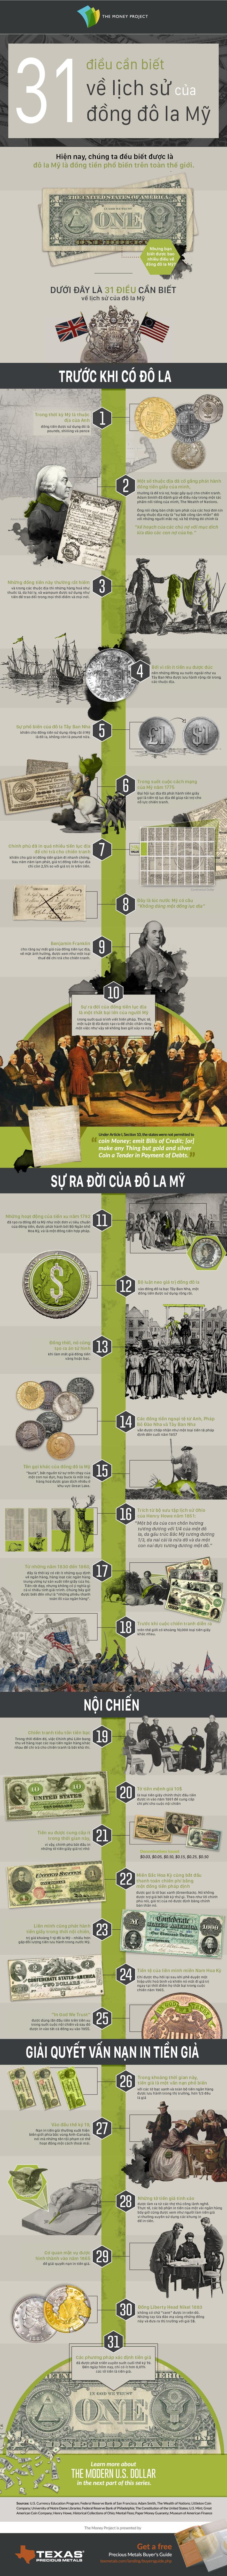 infographic những điều thú vị về đô la mỹ usd.